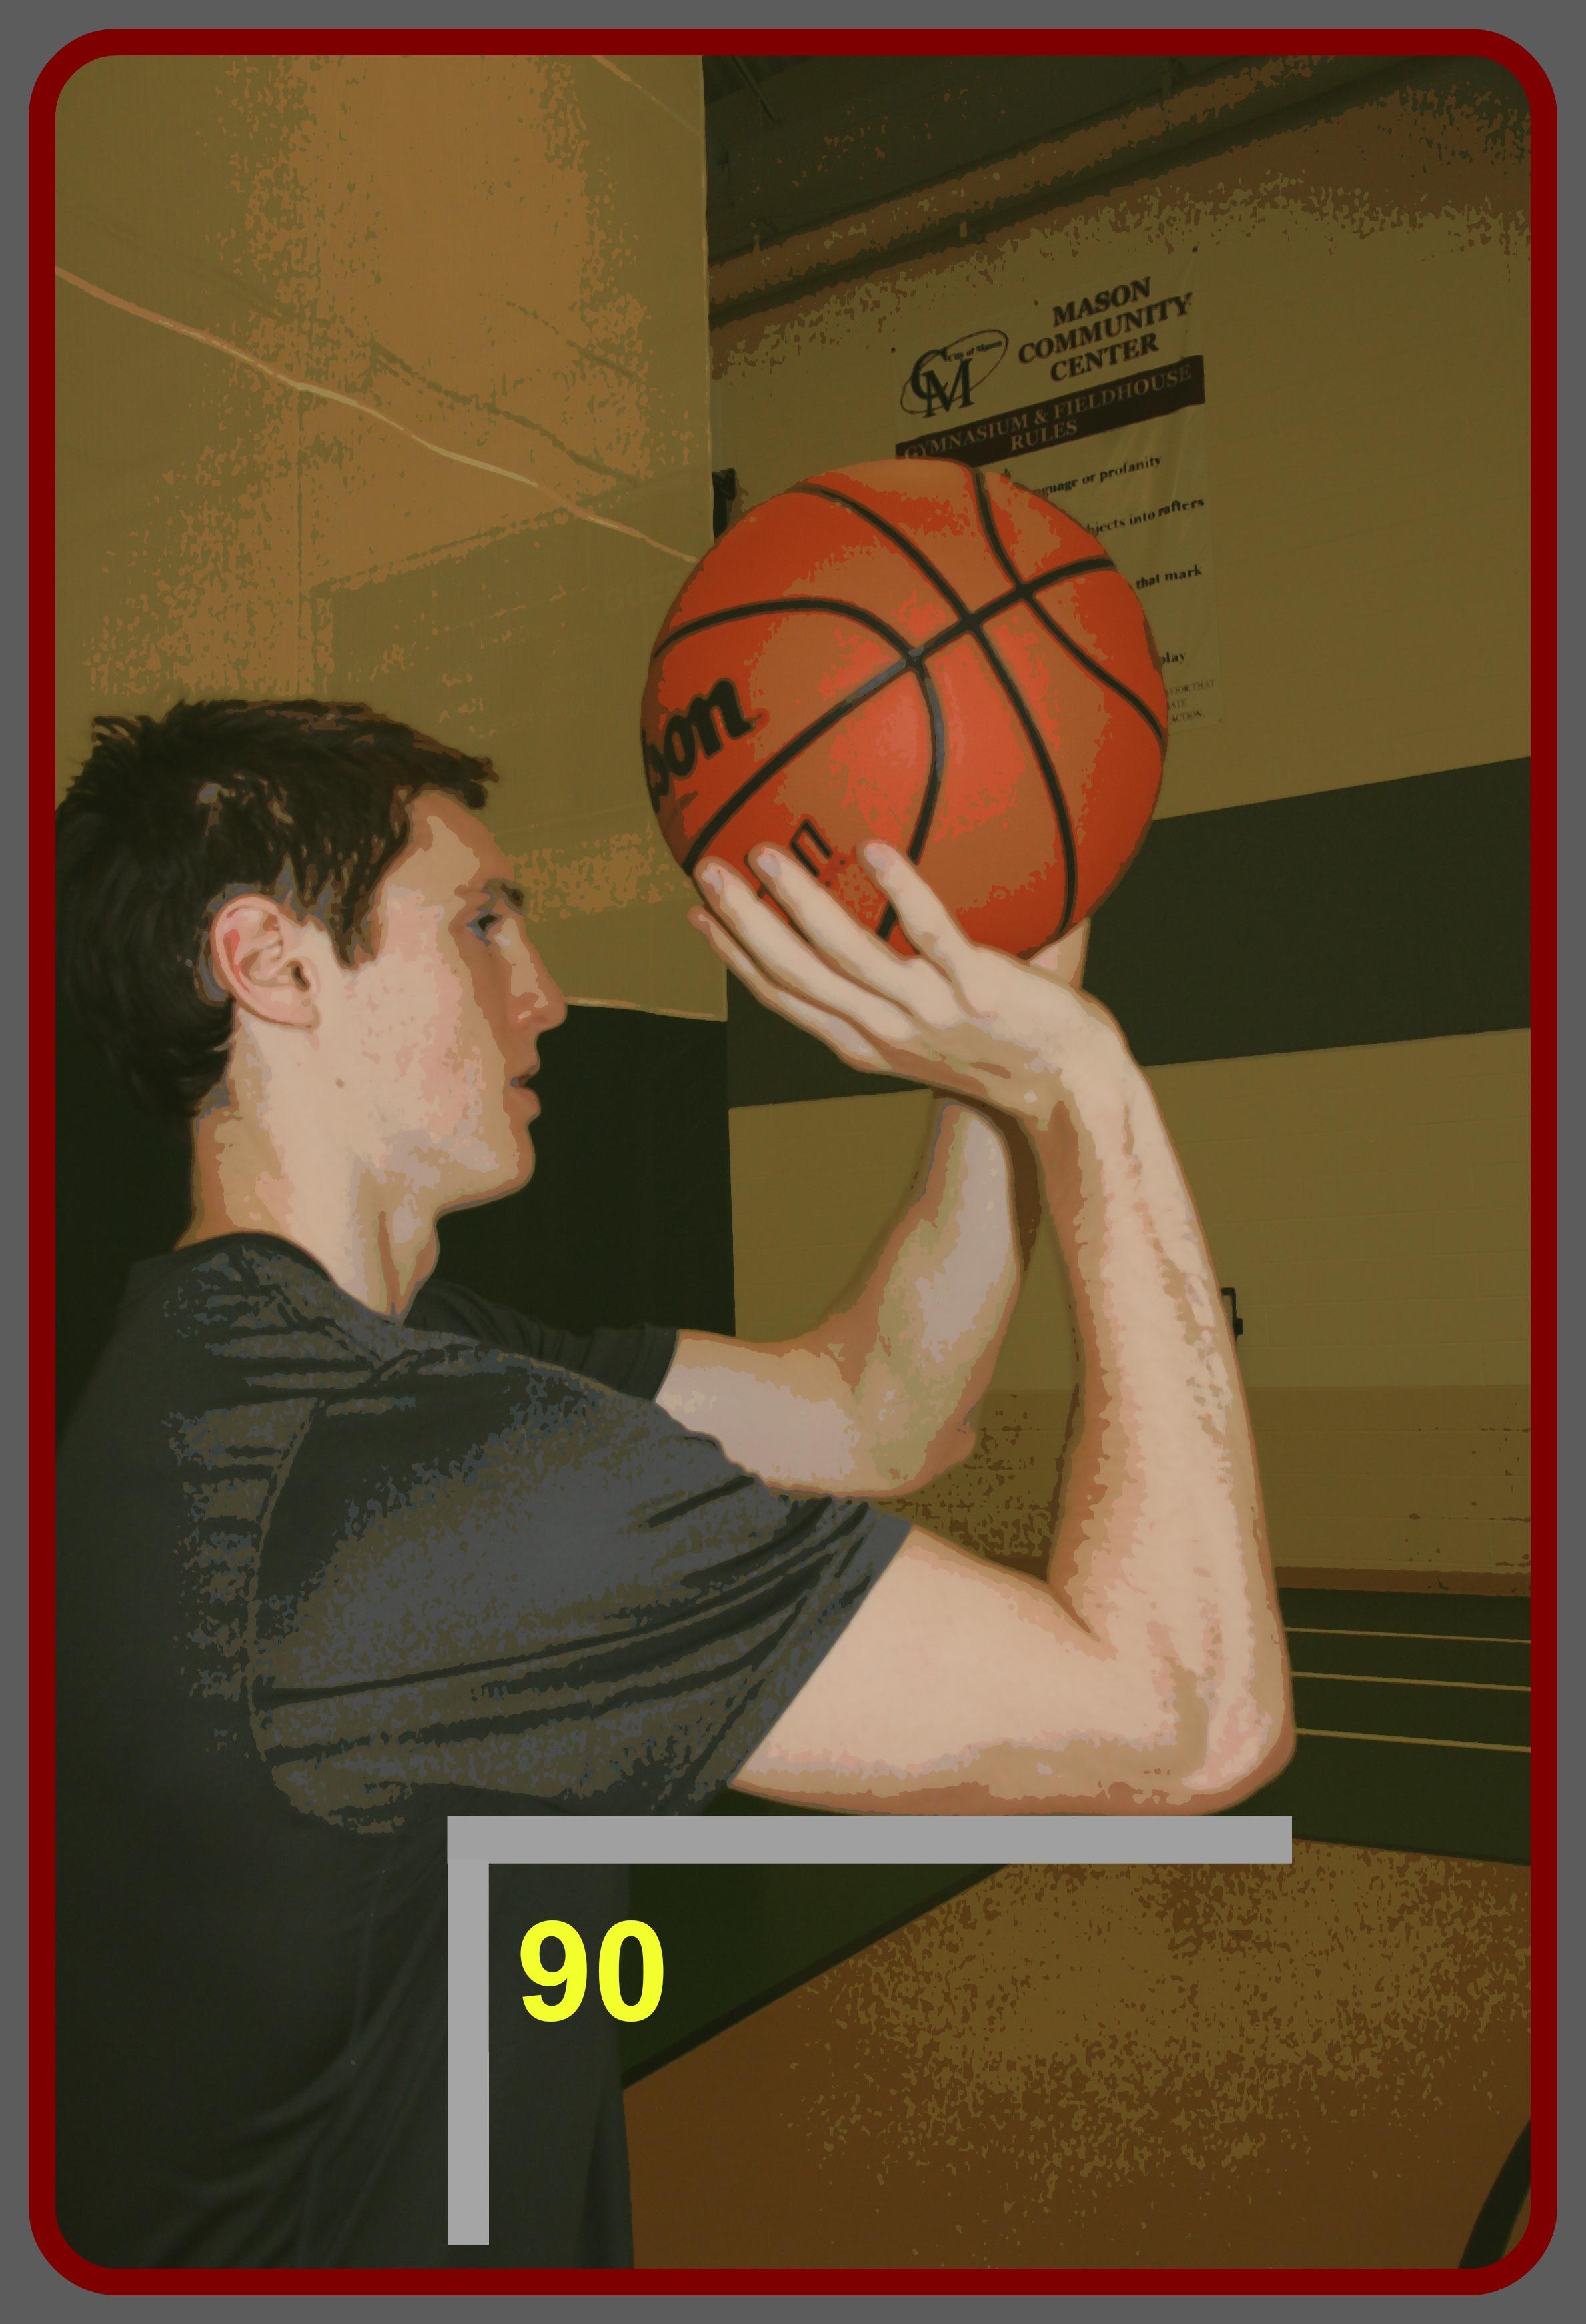 90 Degree Elbow >> Shooting - Beginner | Arete Hoops